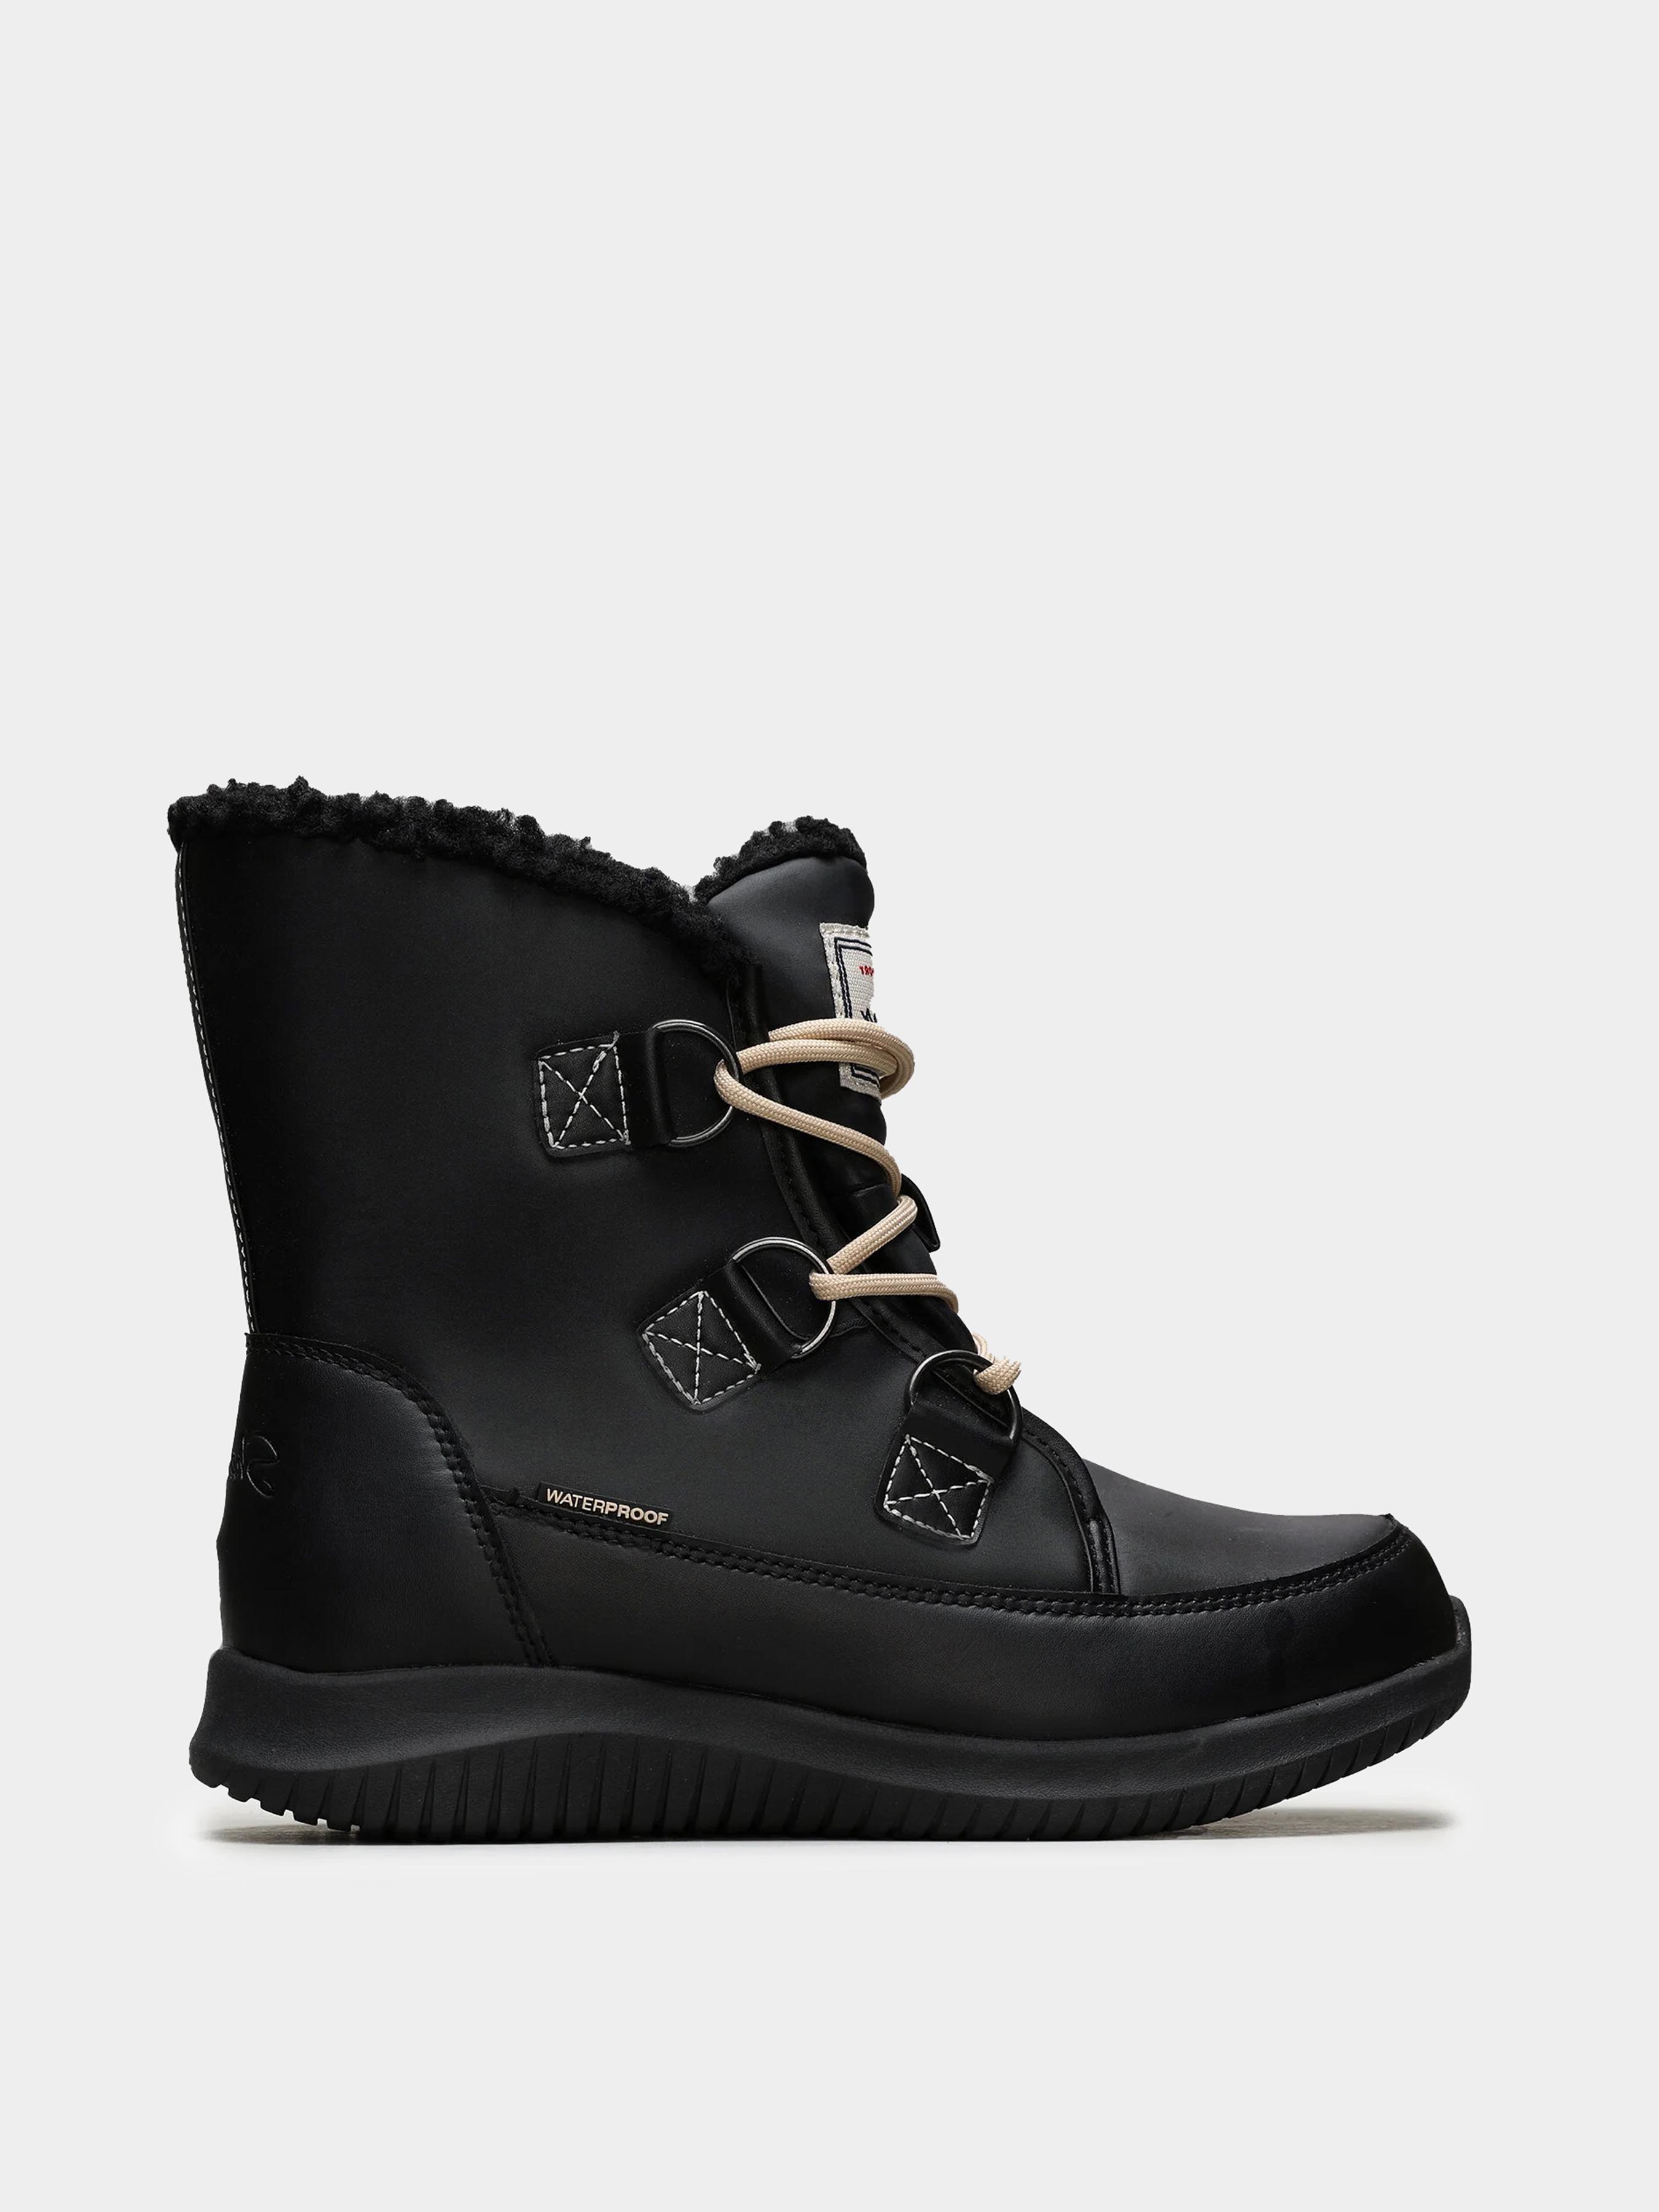 Сапоги для женщин Skechers KW5312 размерная сетка обуви, 2017